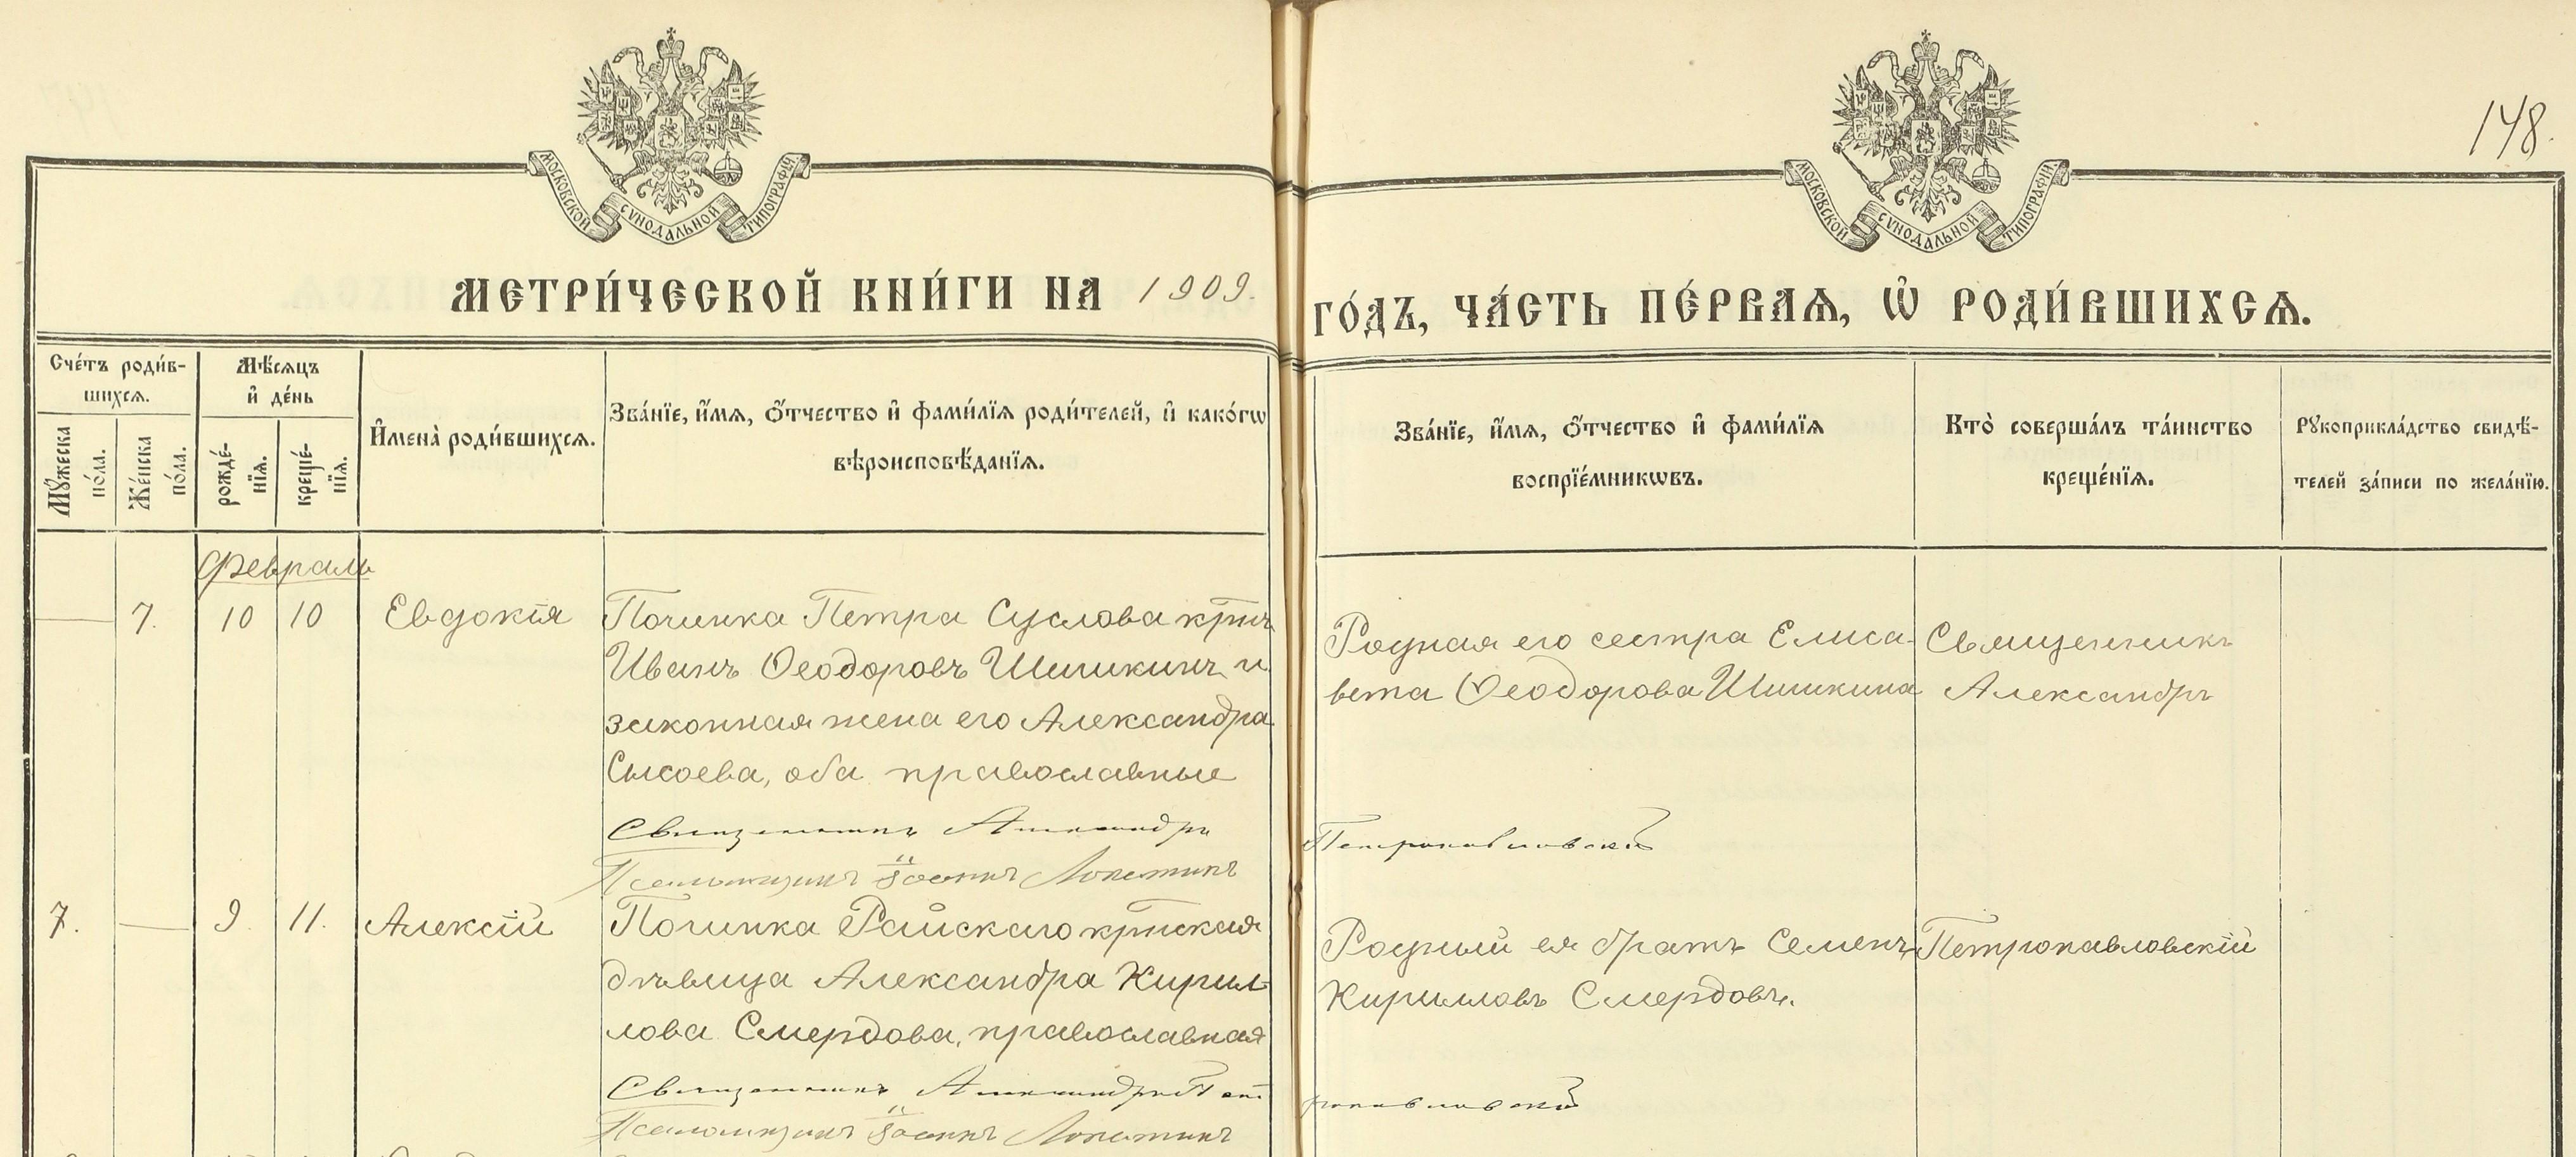 Метрическая книге Вятской губернии за 1909 год, запись о рождении Алексея Смердова